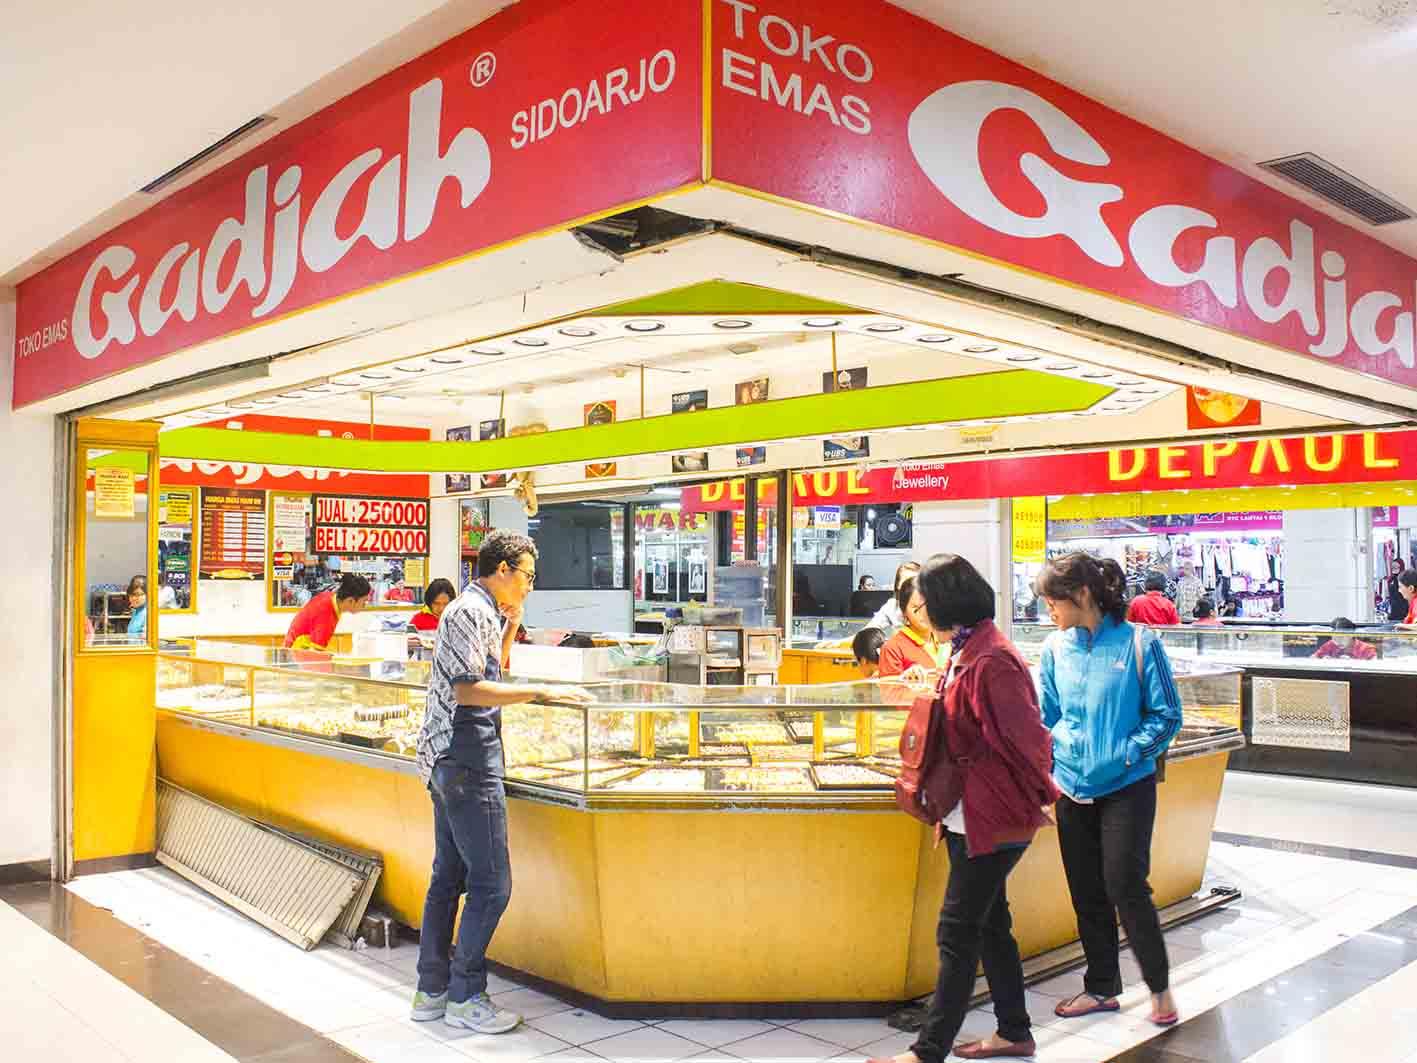 Mall Dtc Wonokromo Toko Emas Gadjah Darmotradecenter